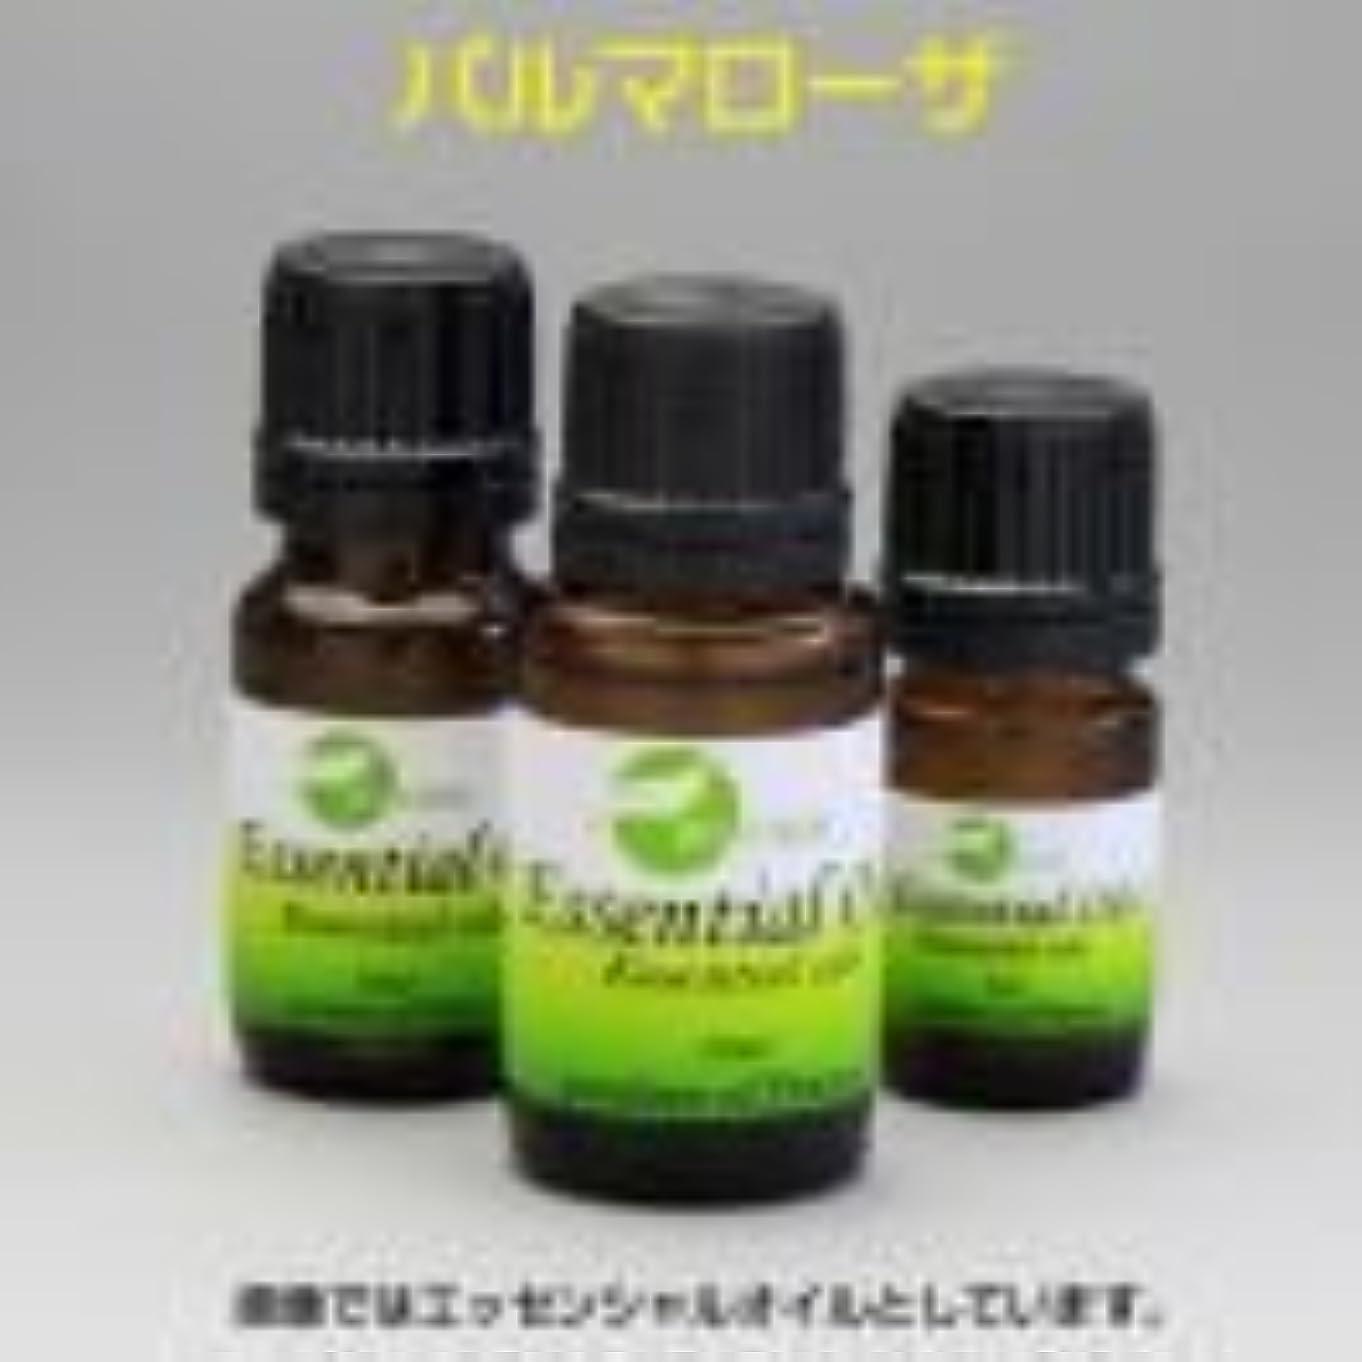 意志に反するガジュマルよろめく[エッセンシャルオイル] ローズに似た甘いフローラルな香り パルマローザ 15ml